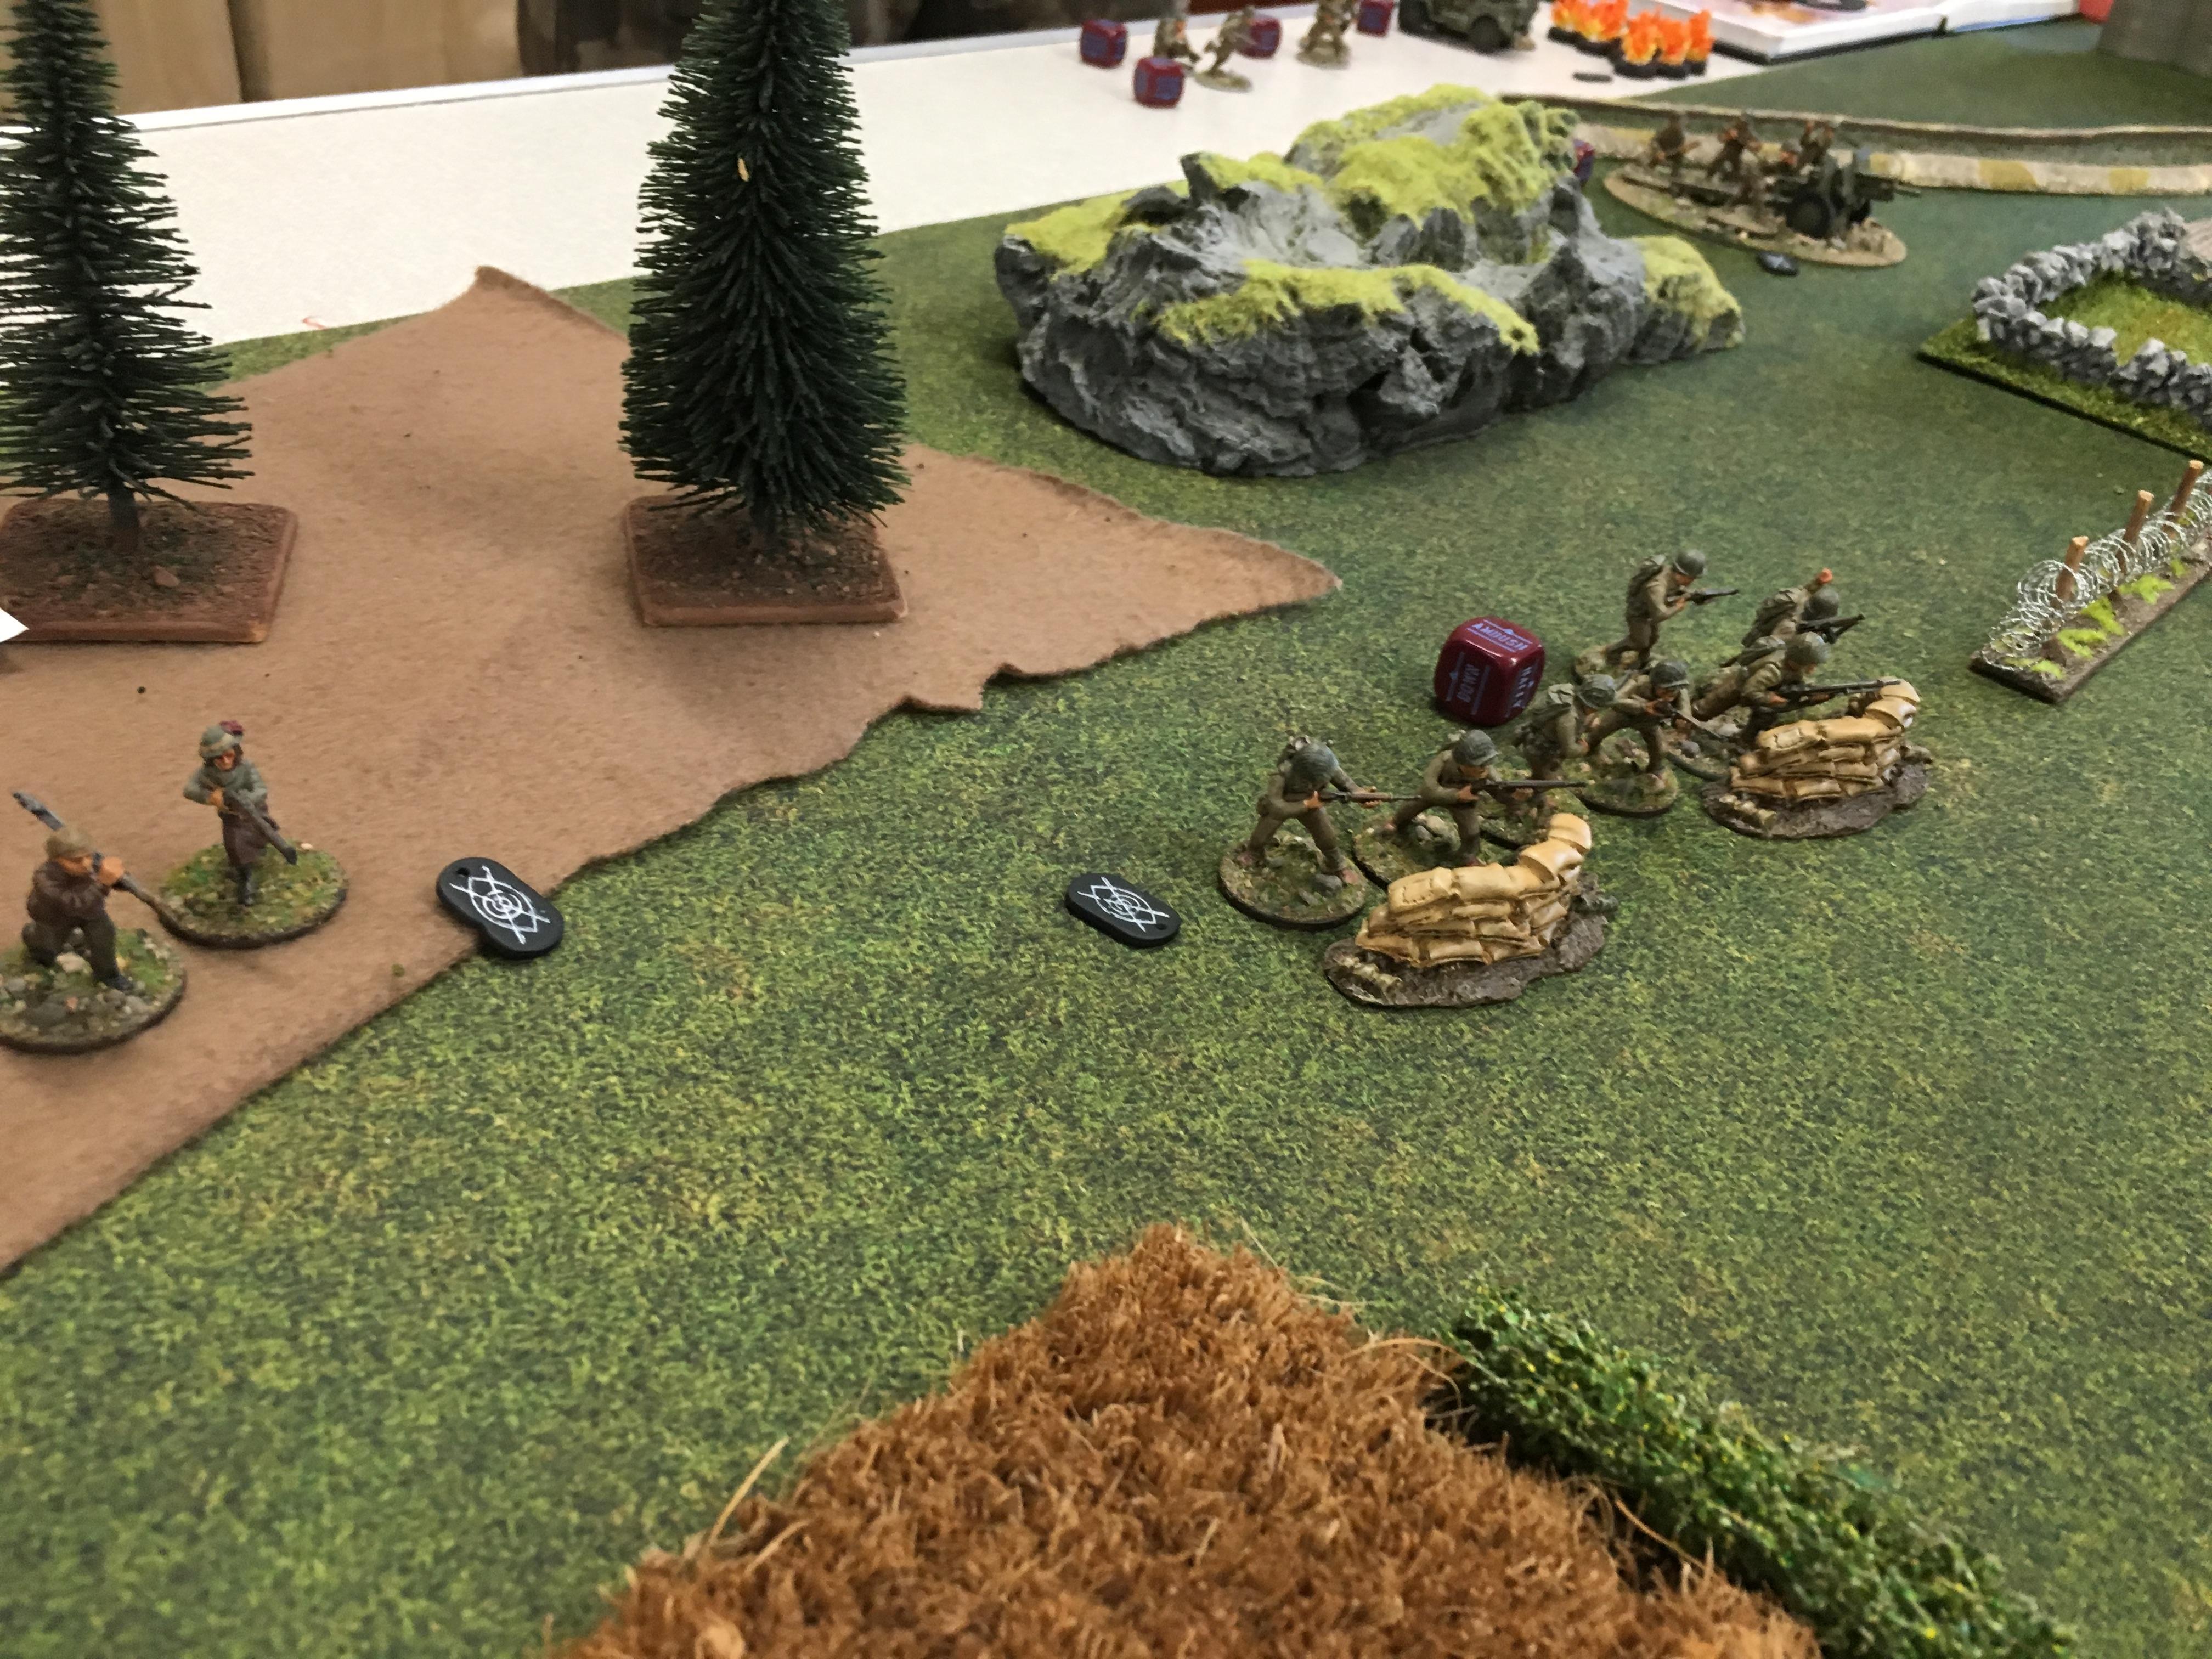 German grenadier's versus Us winter in a fierce infantry engagement